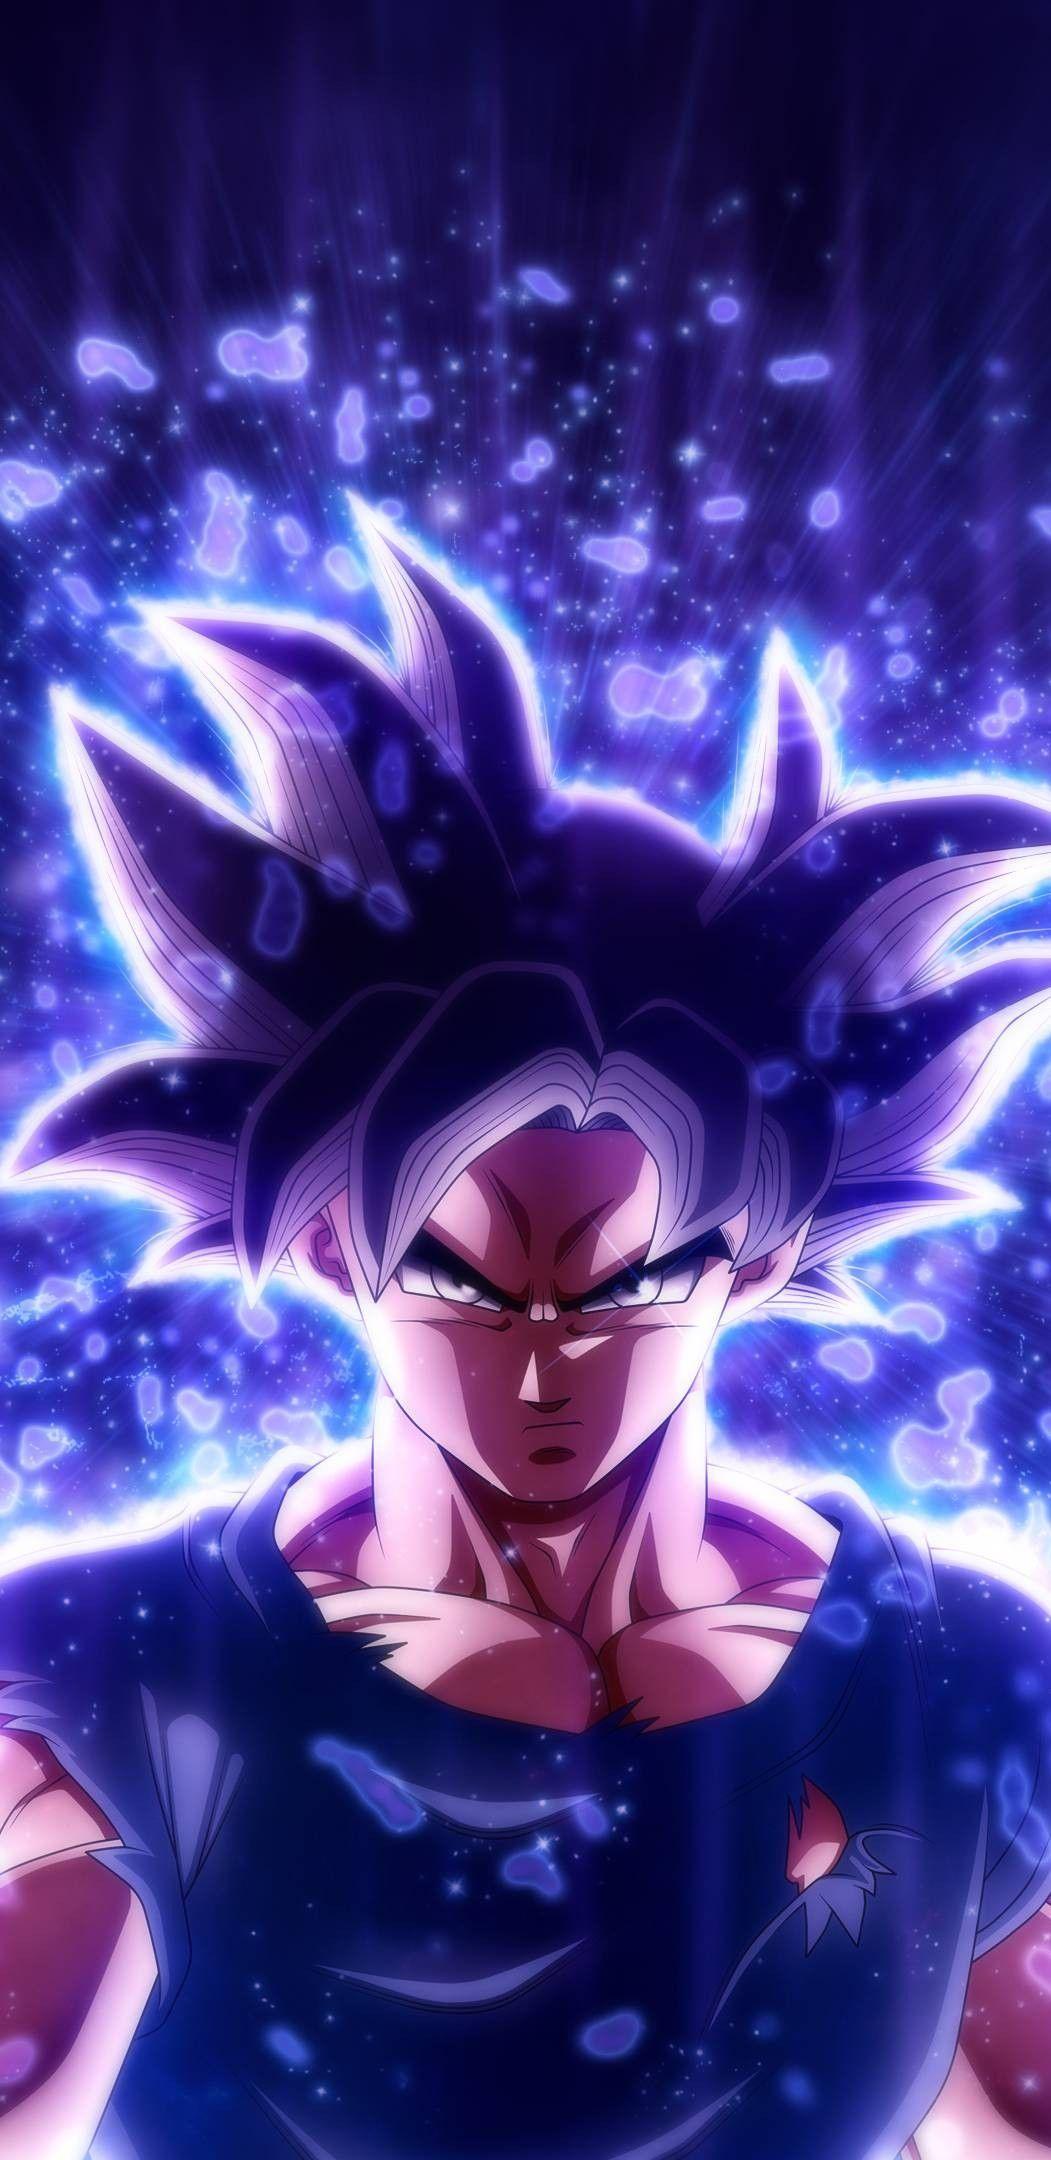 Goku Ultra Instinct Wallpaper Zeta Imagenes De Goku